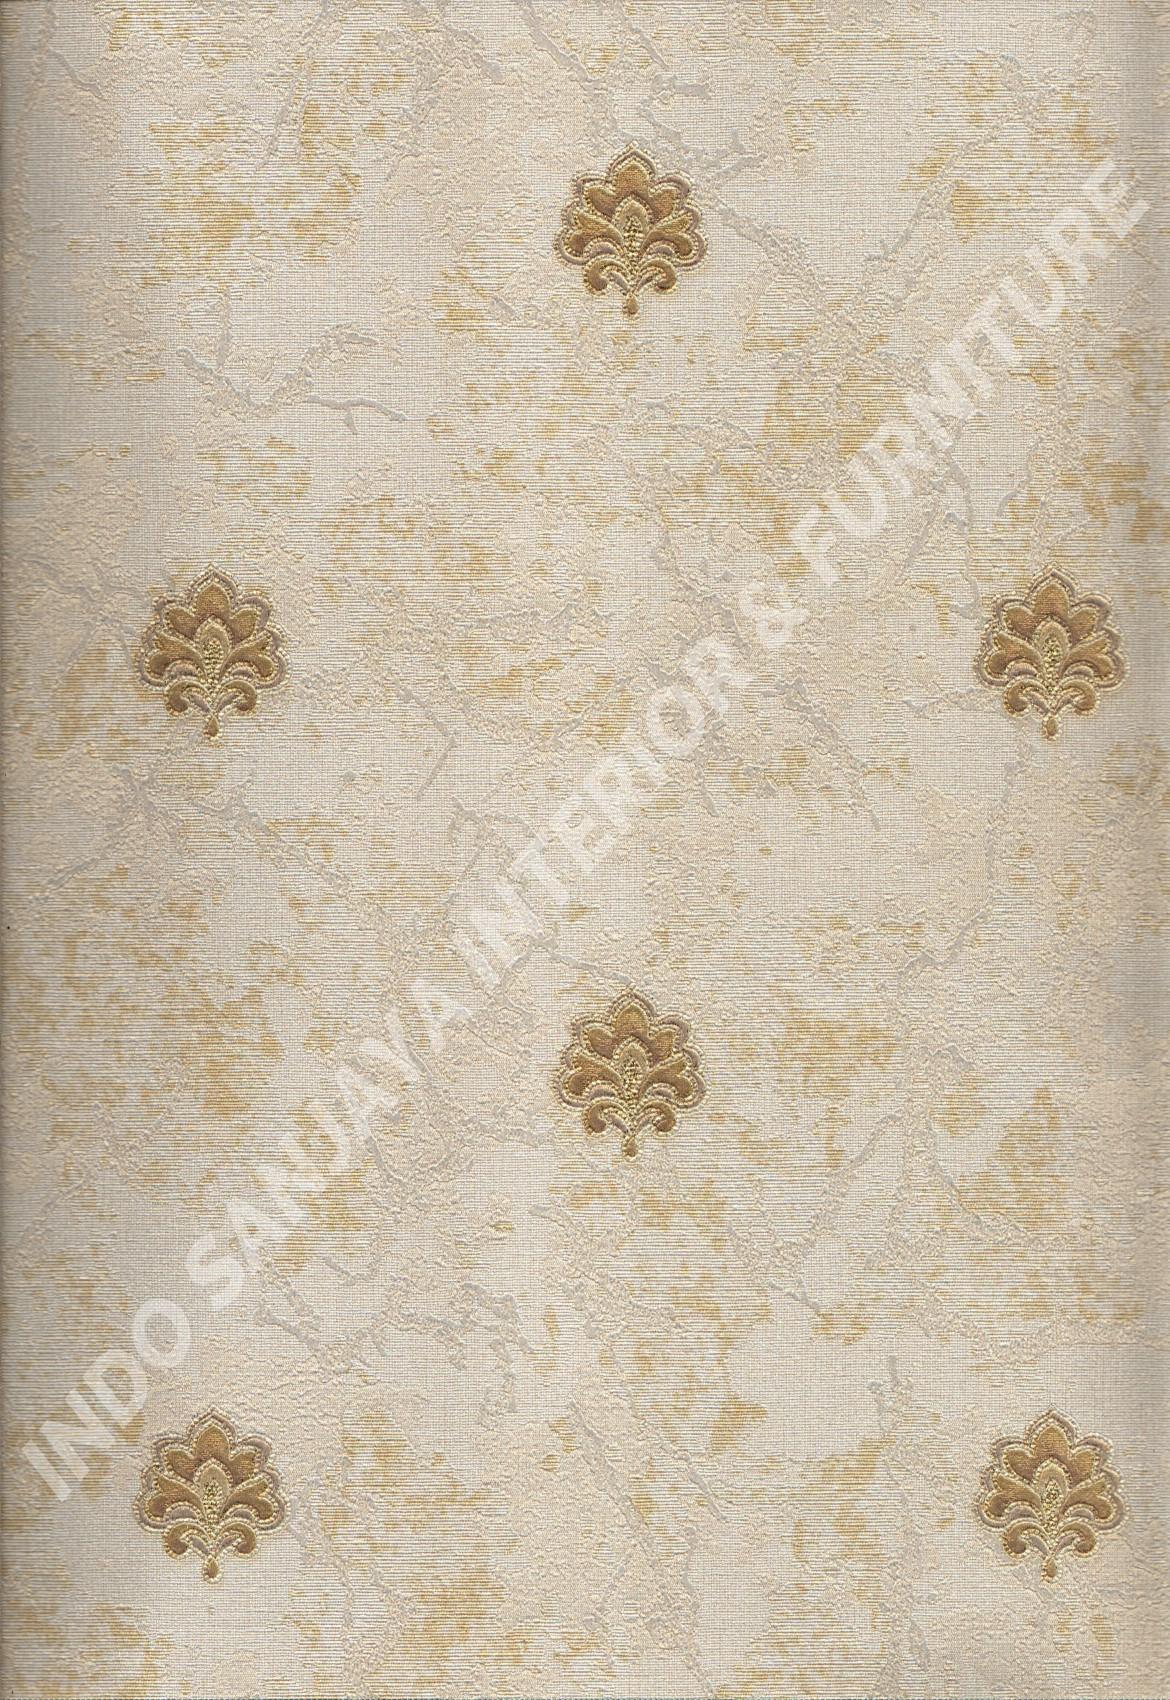 wallpaper   Wallpaper Klasik Batik (Damask) 81125-3:81125-3 corak  warna